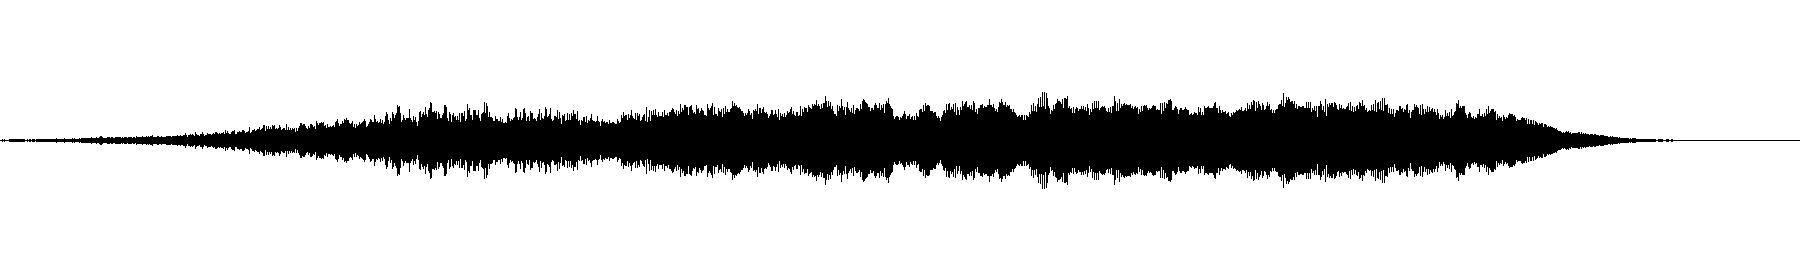 str glissoct 06 xs